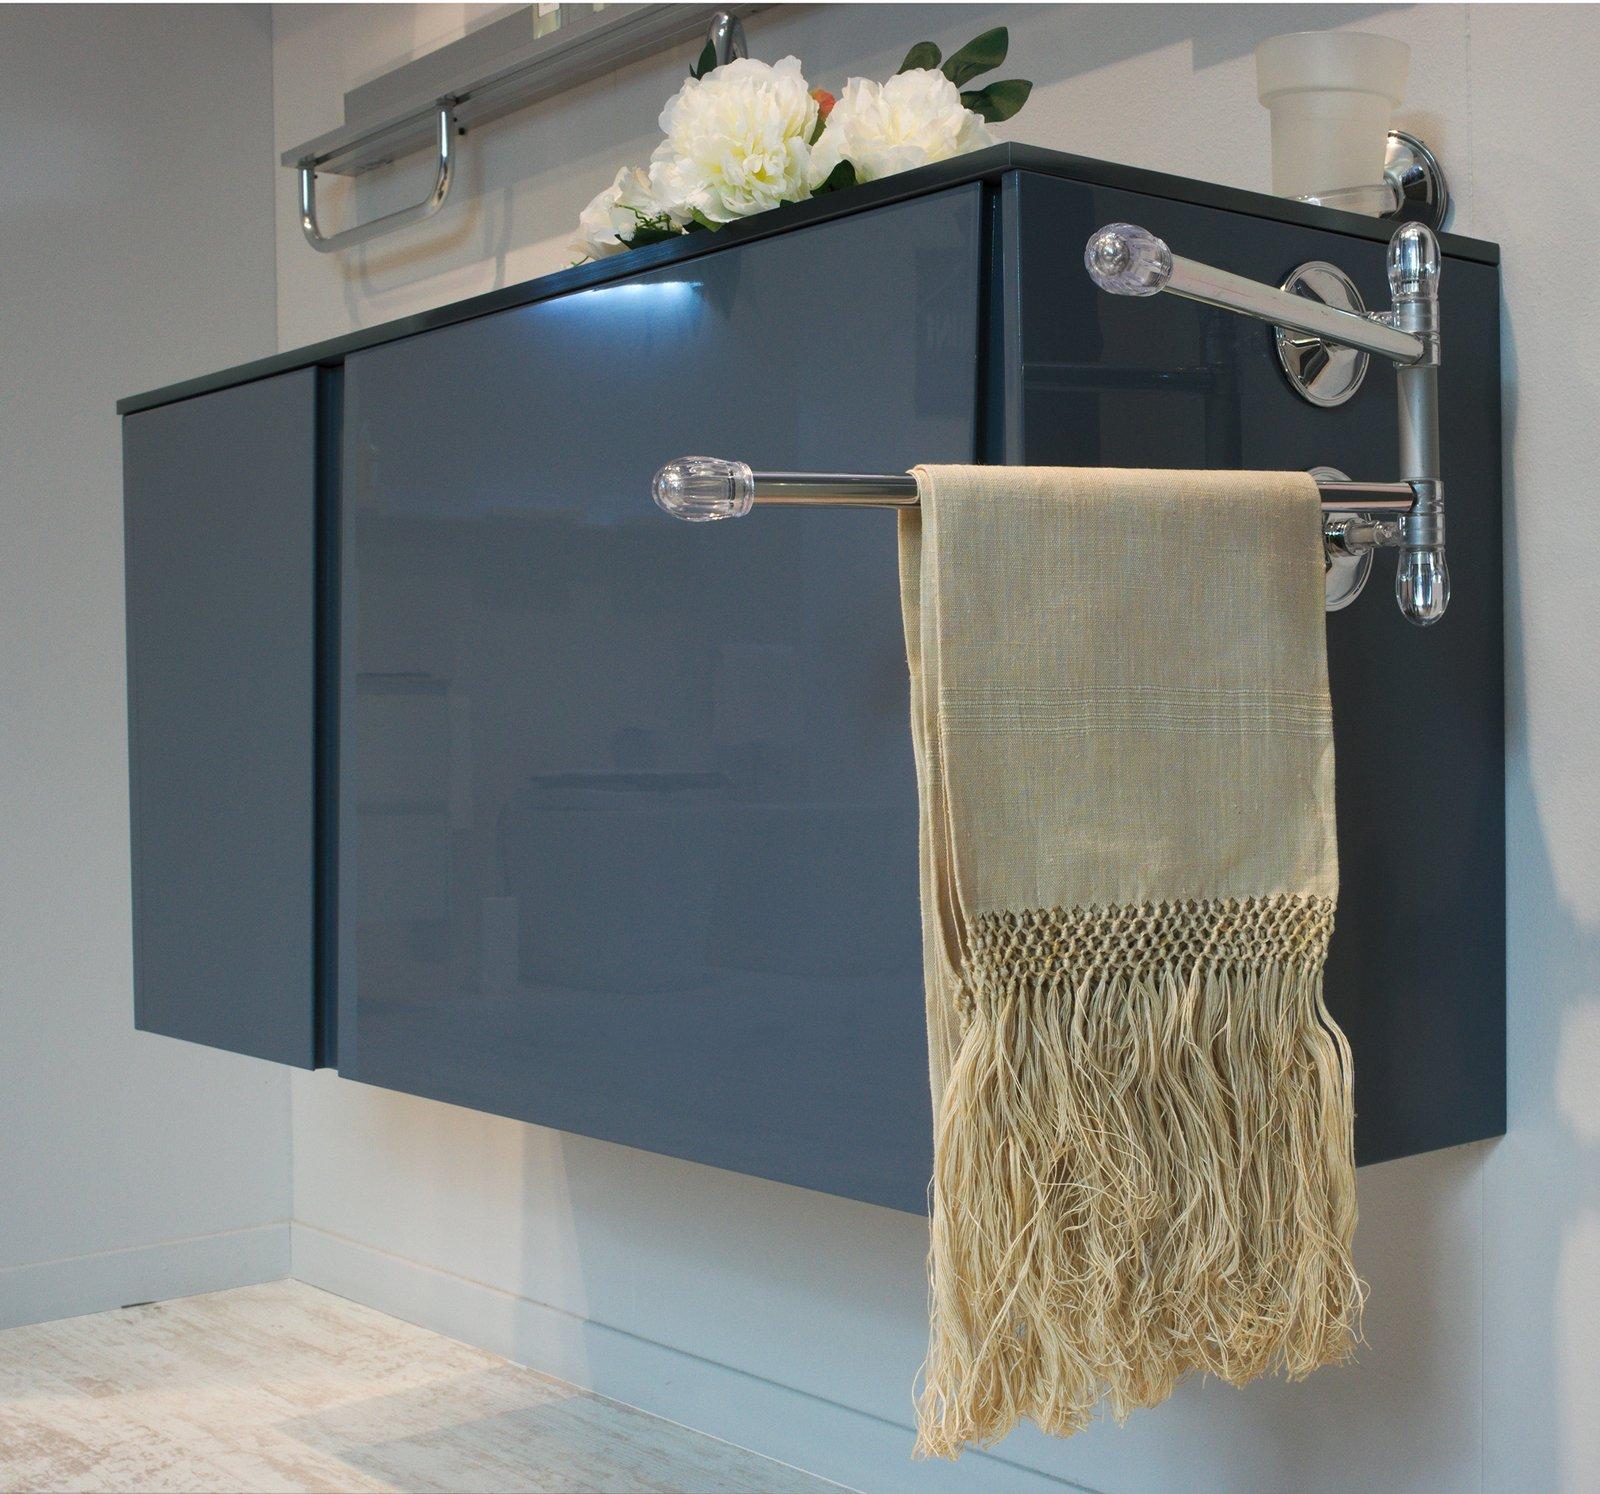 Portasciugamani per il bagno cose di casa - Mobili porta asciugamani bagno ...